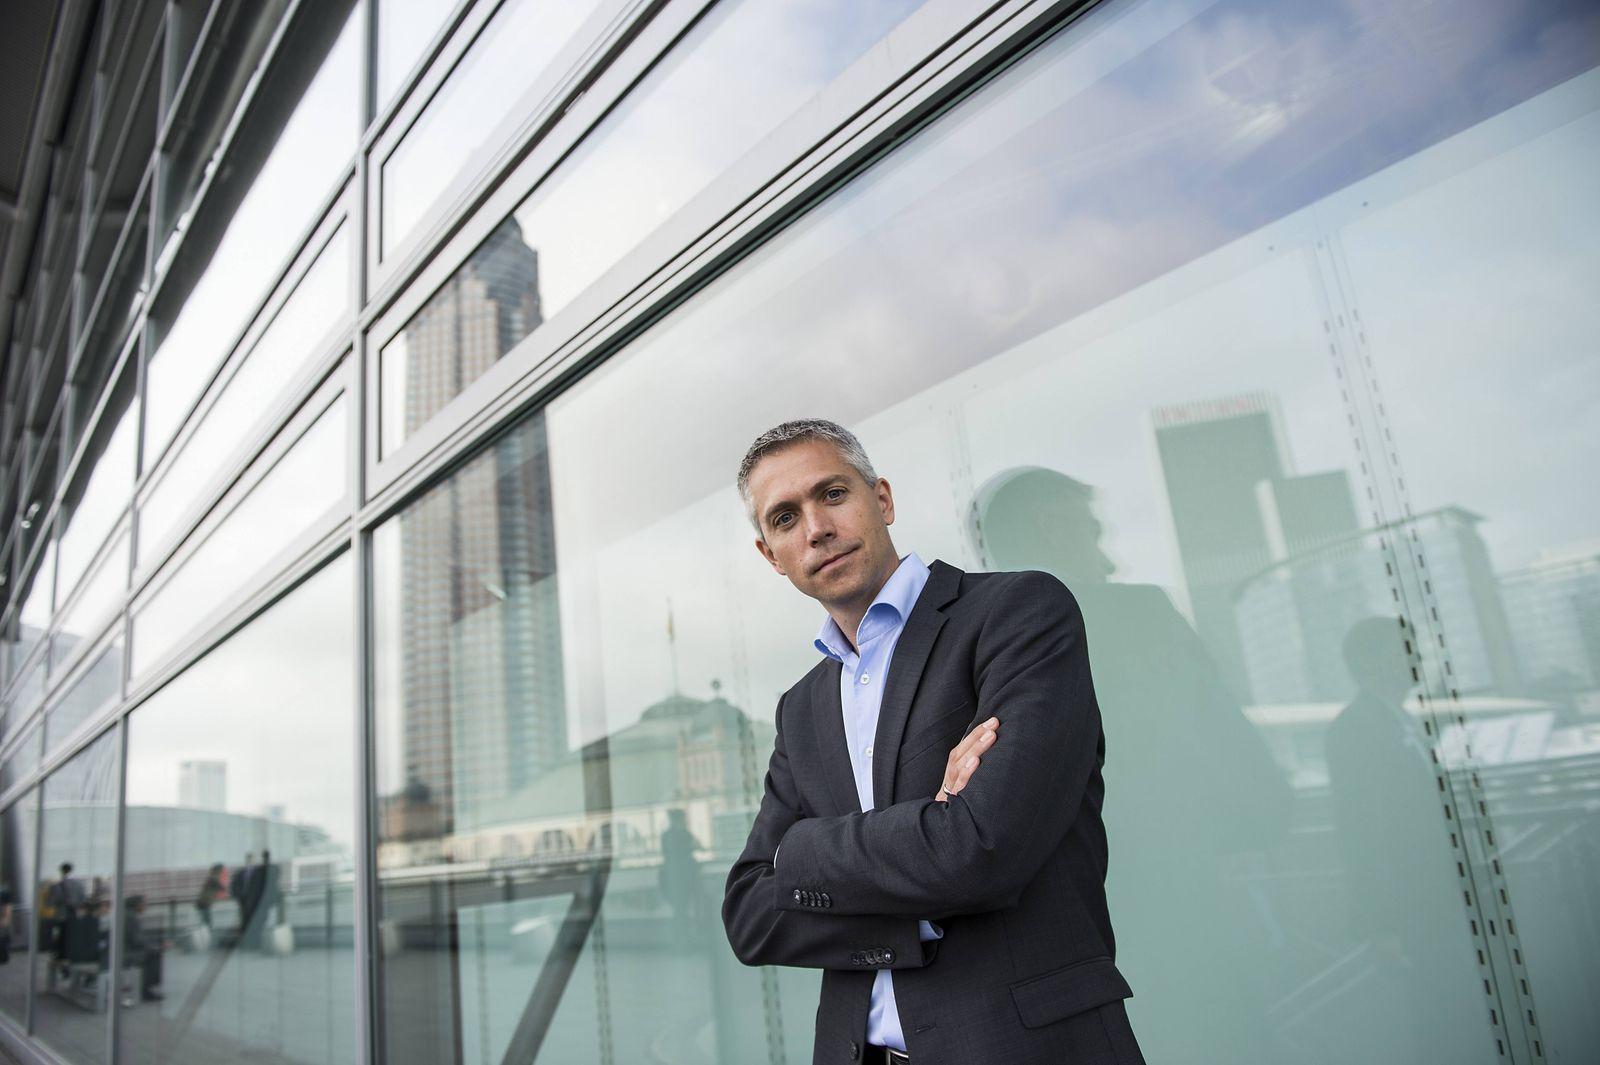 Alexander HORN Deutschland Fallanalytiker Profiler am 10 10 2014 Frankfurter Buchmesse 2014 vom